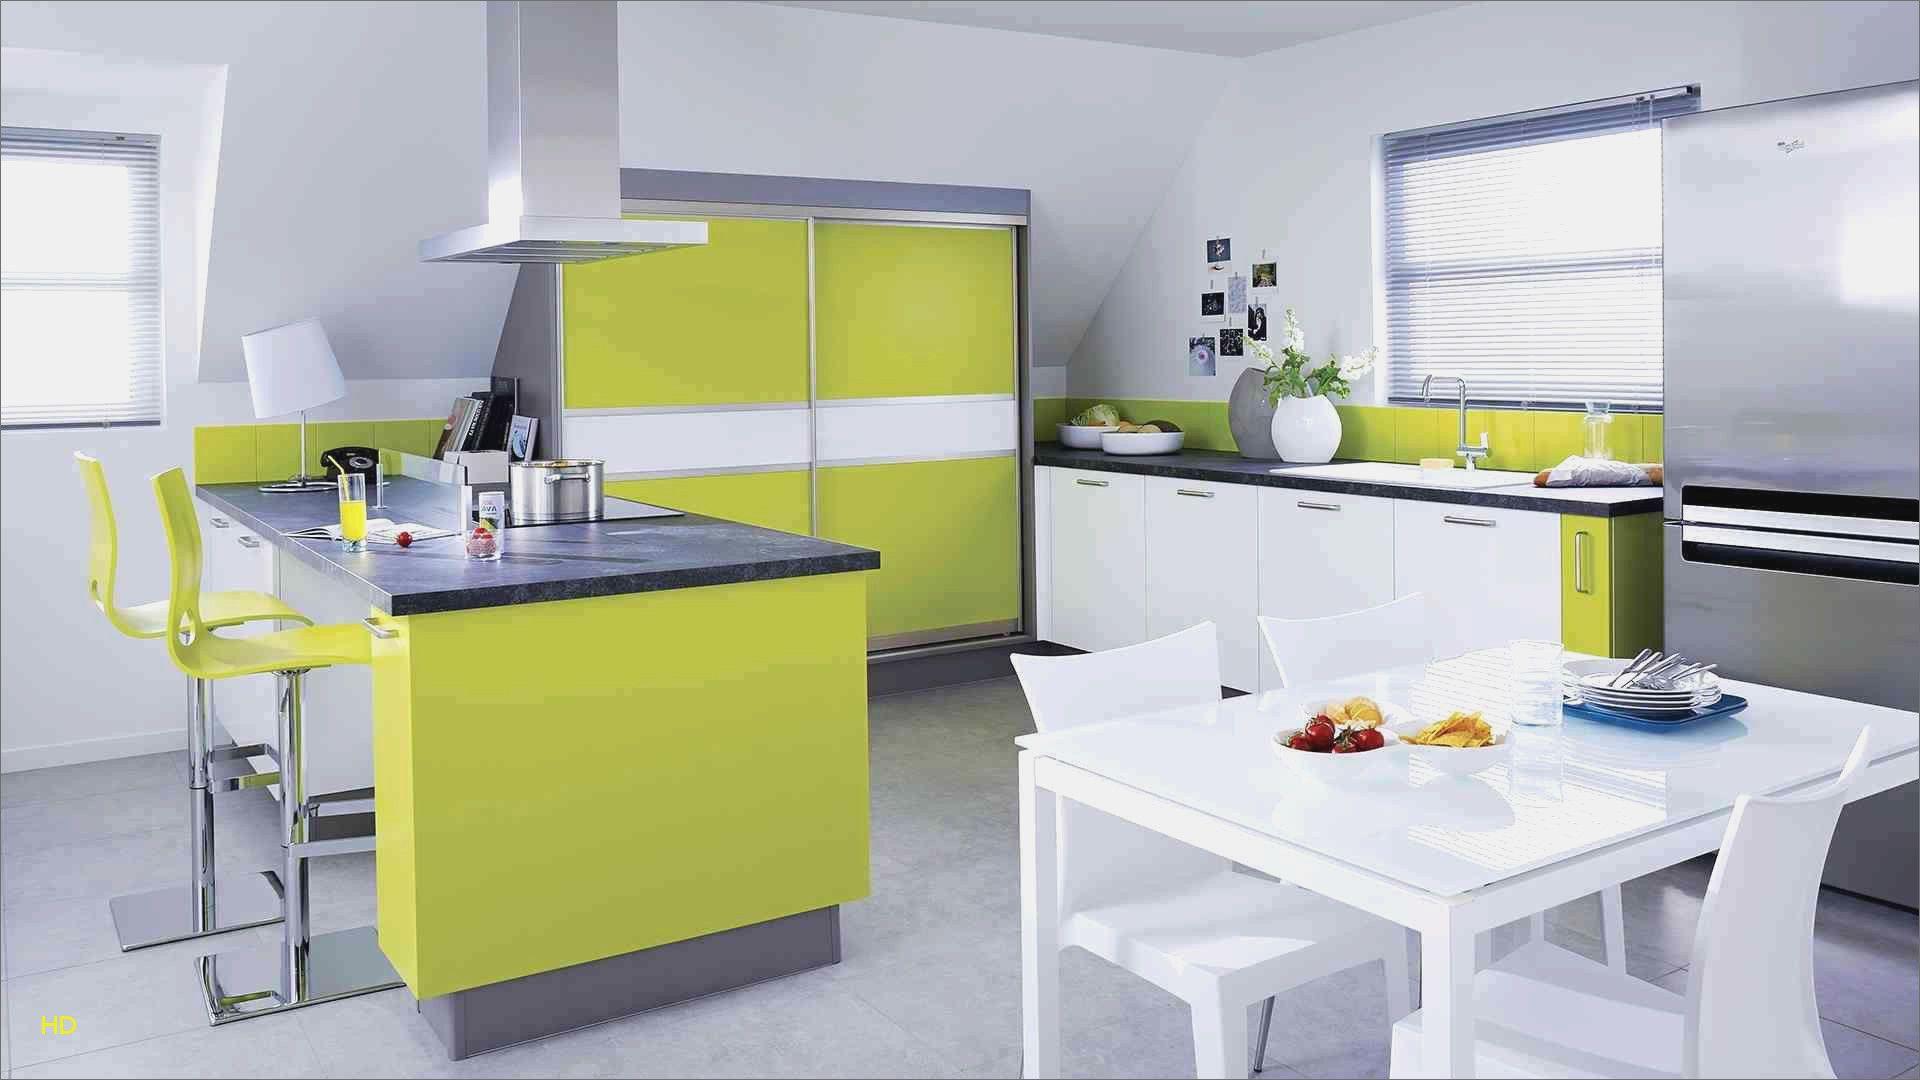 Fresh Cuisine 6m2 Cuisines Design Cuisine Verte Cuisinella